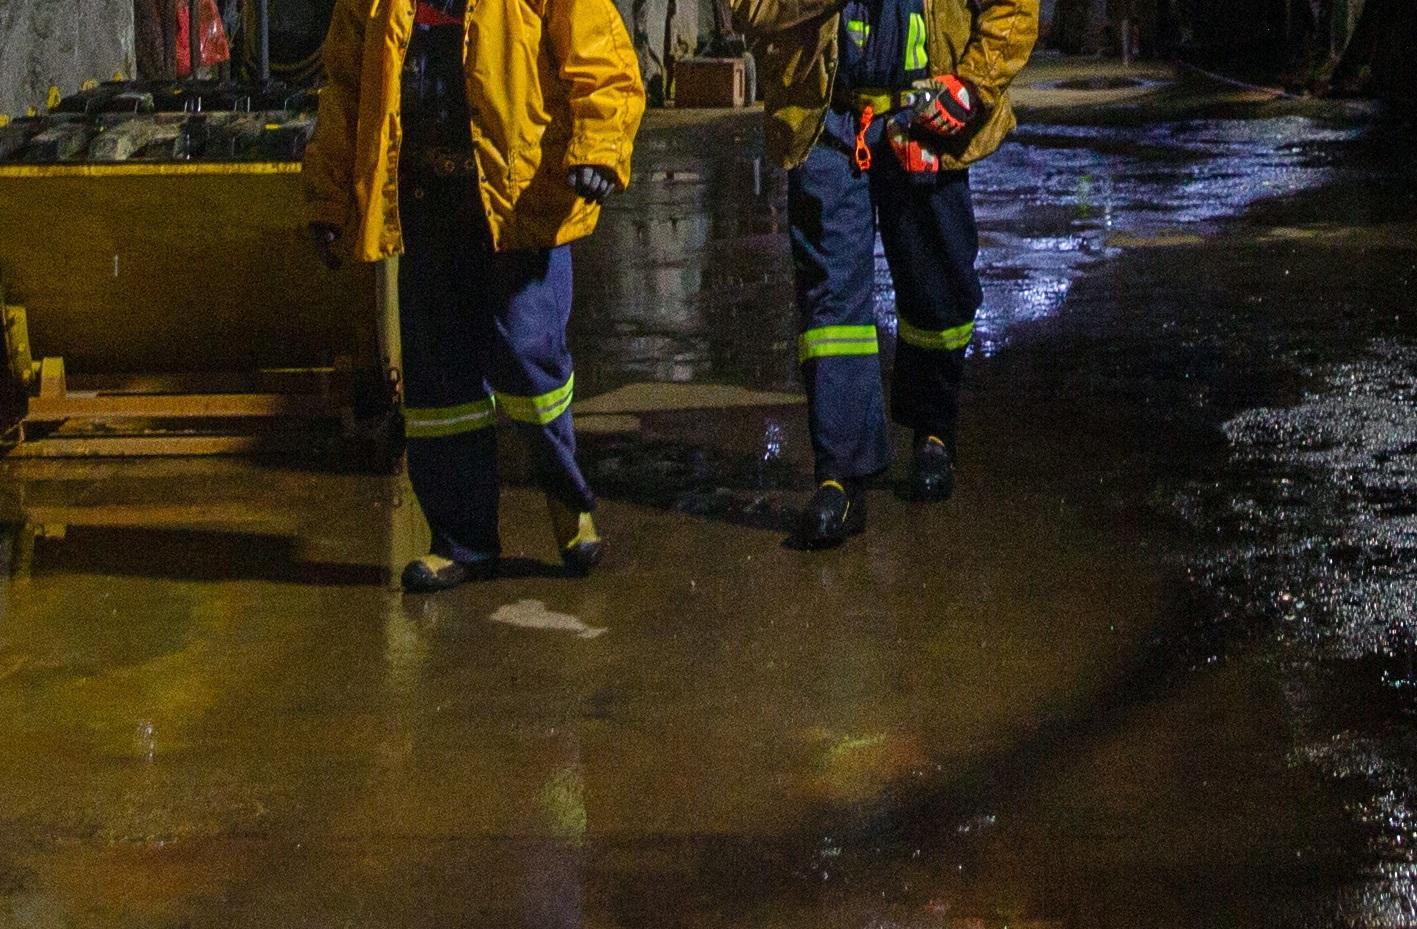 Τραγικό φινάλε: Ανασύρθηκαν τα πτώματα 11 εργαζόμενων στο χρυσωρυχείο της Κολομβίας που είχαν παγιδευτεί τον Μάρτιο